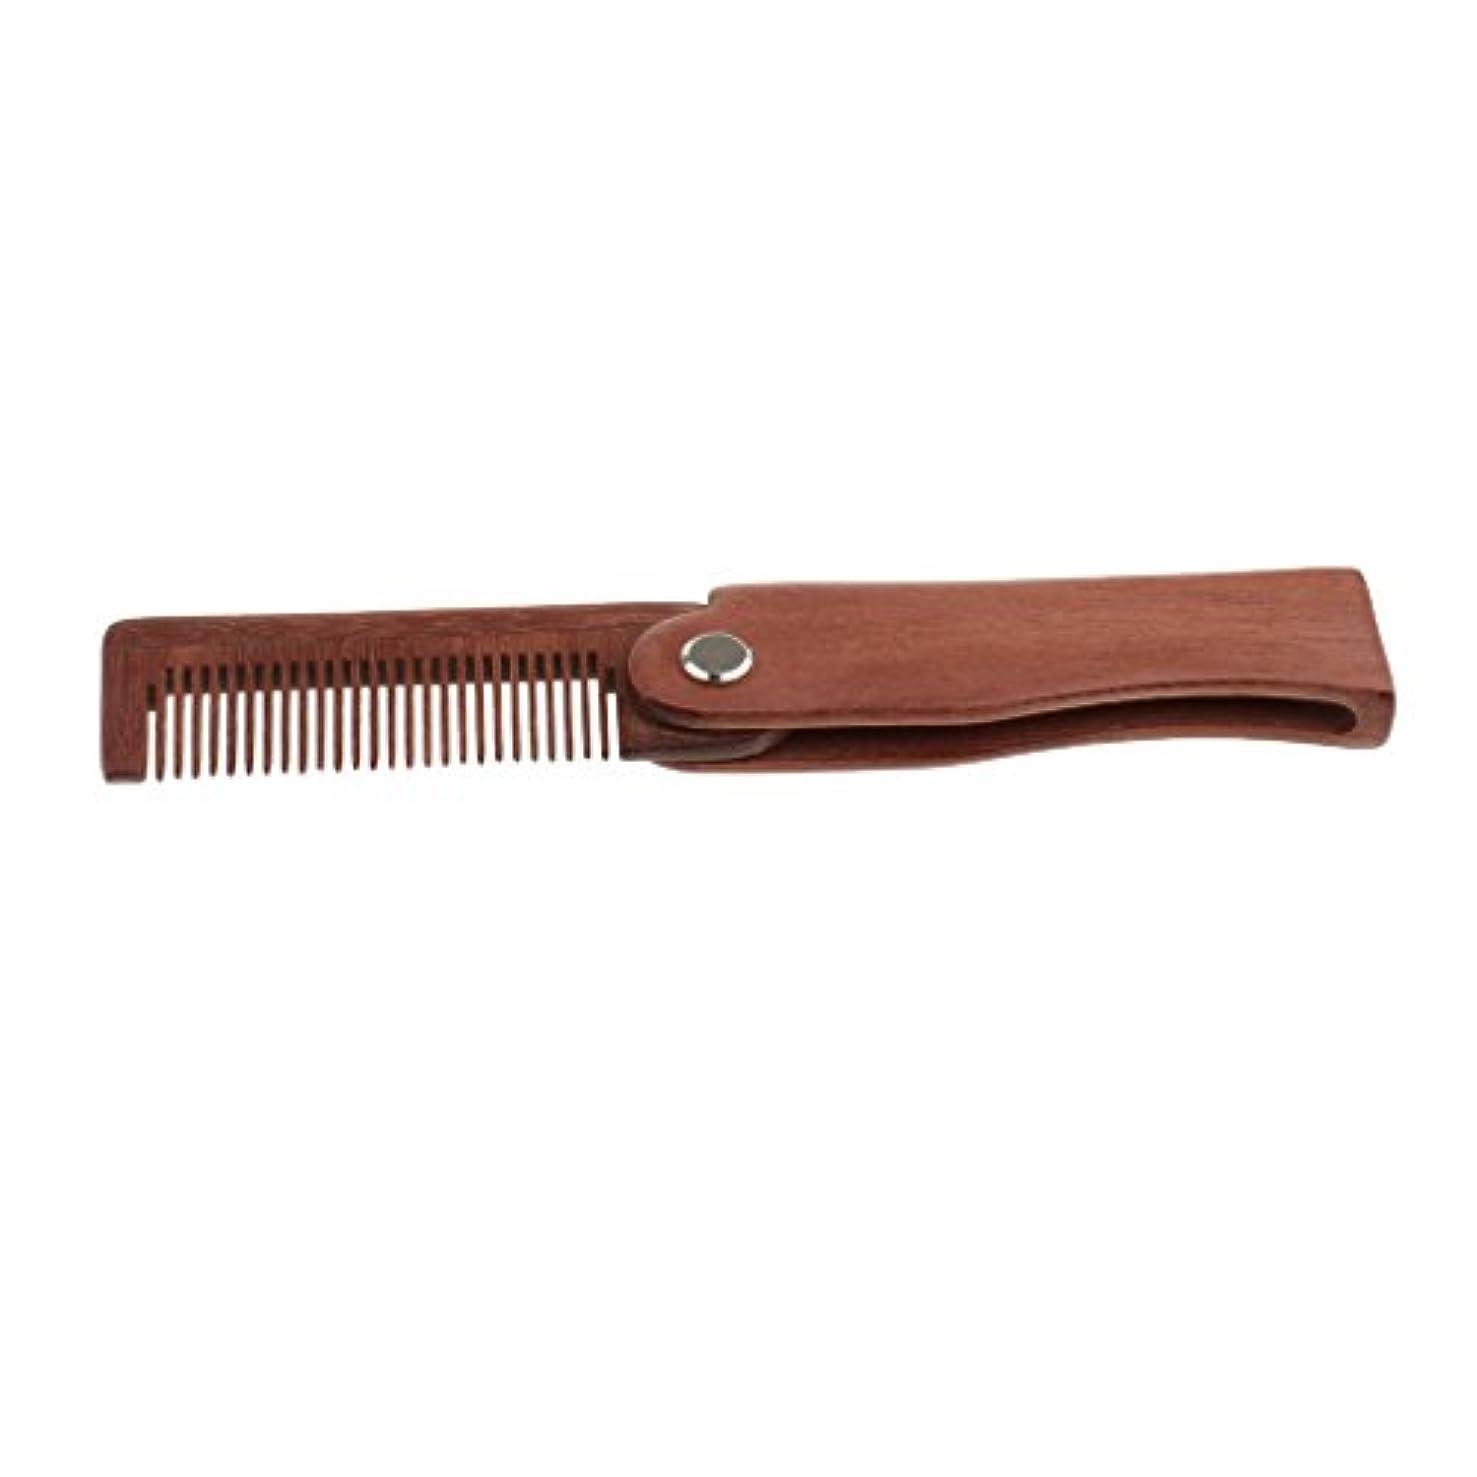 T TOOYFUL 折り畳み 毛ひげの櫛 ブラシ 木製 ひげ剃り櫛 男性 旅行 外出 便利グッズ ポケットサイズ